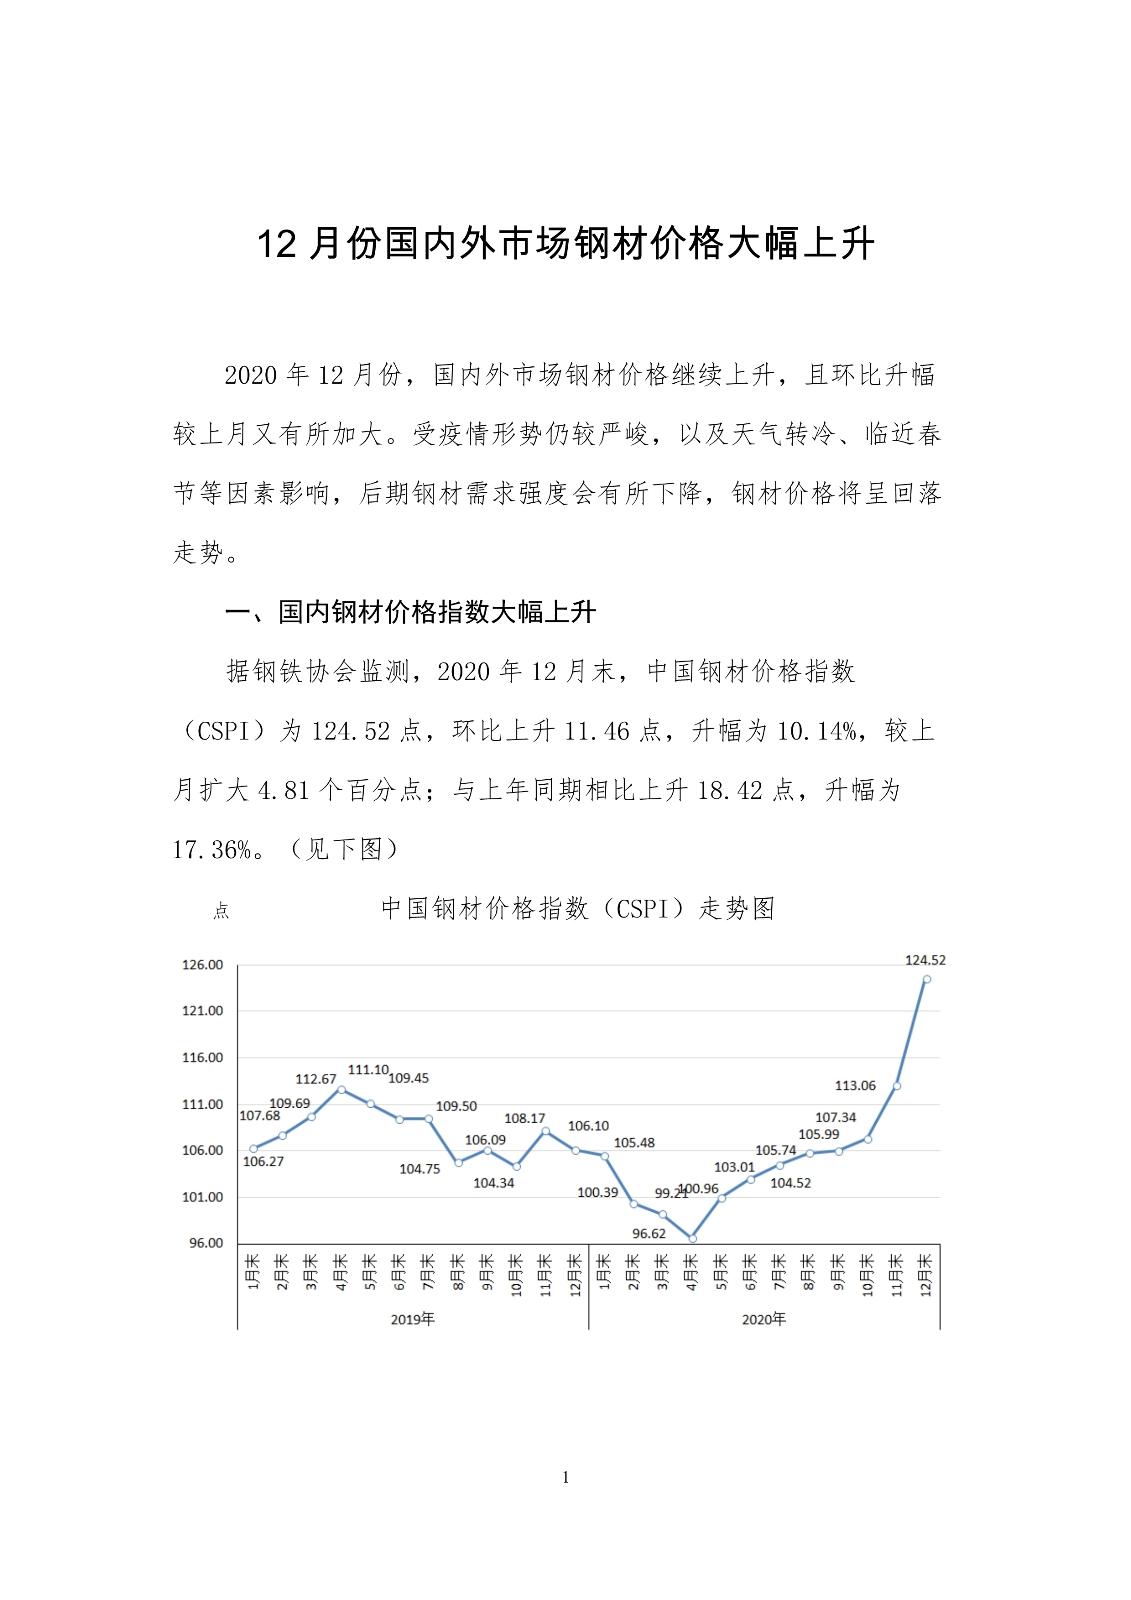 2020年12月份国内外市场钢材价格大幅上升